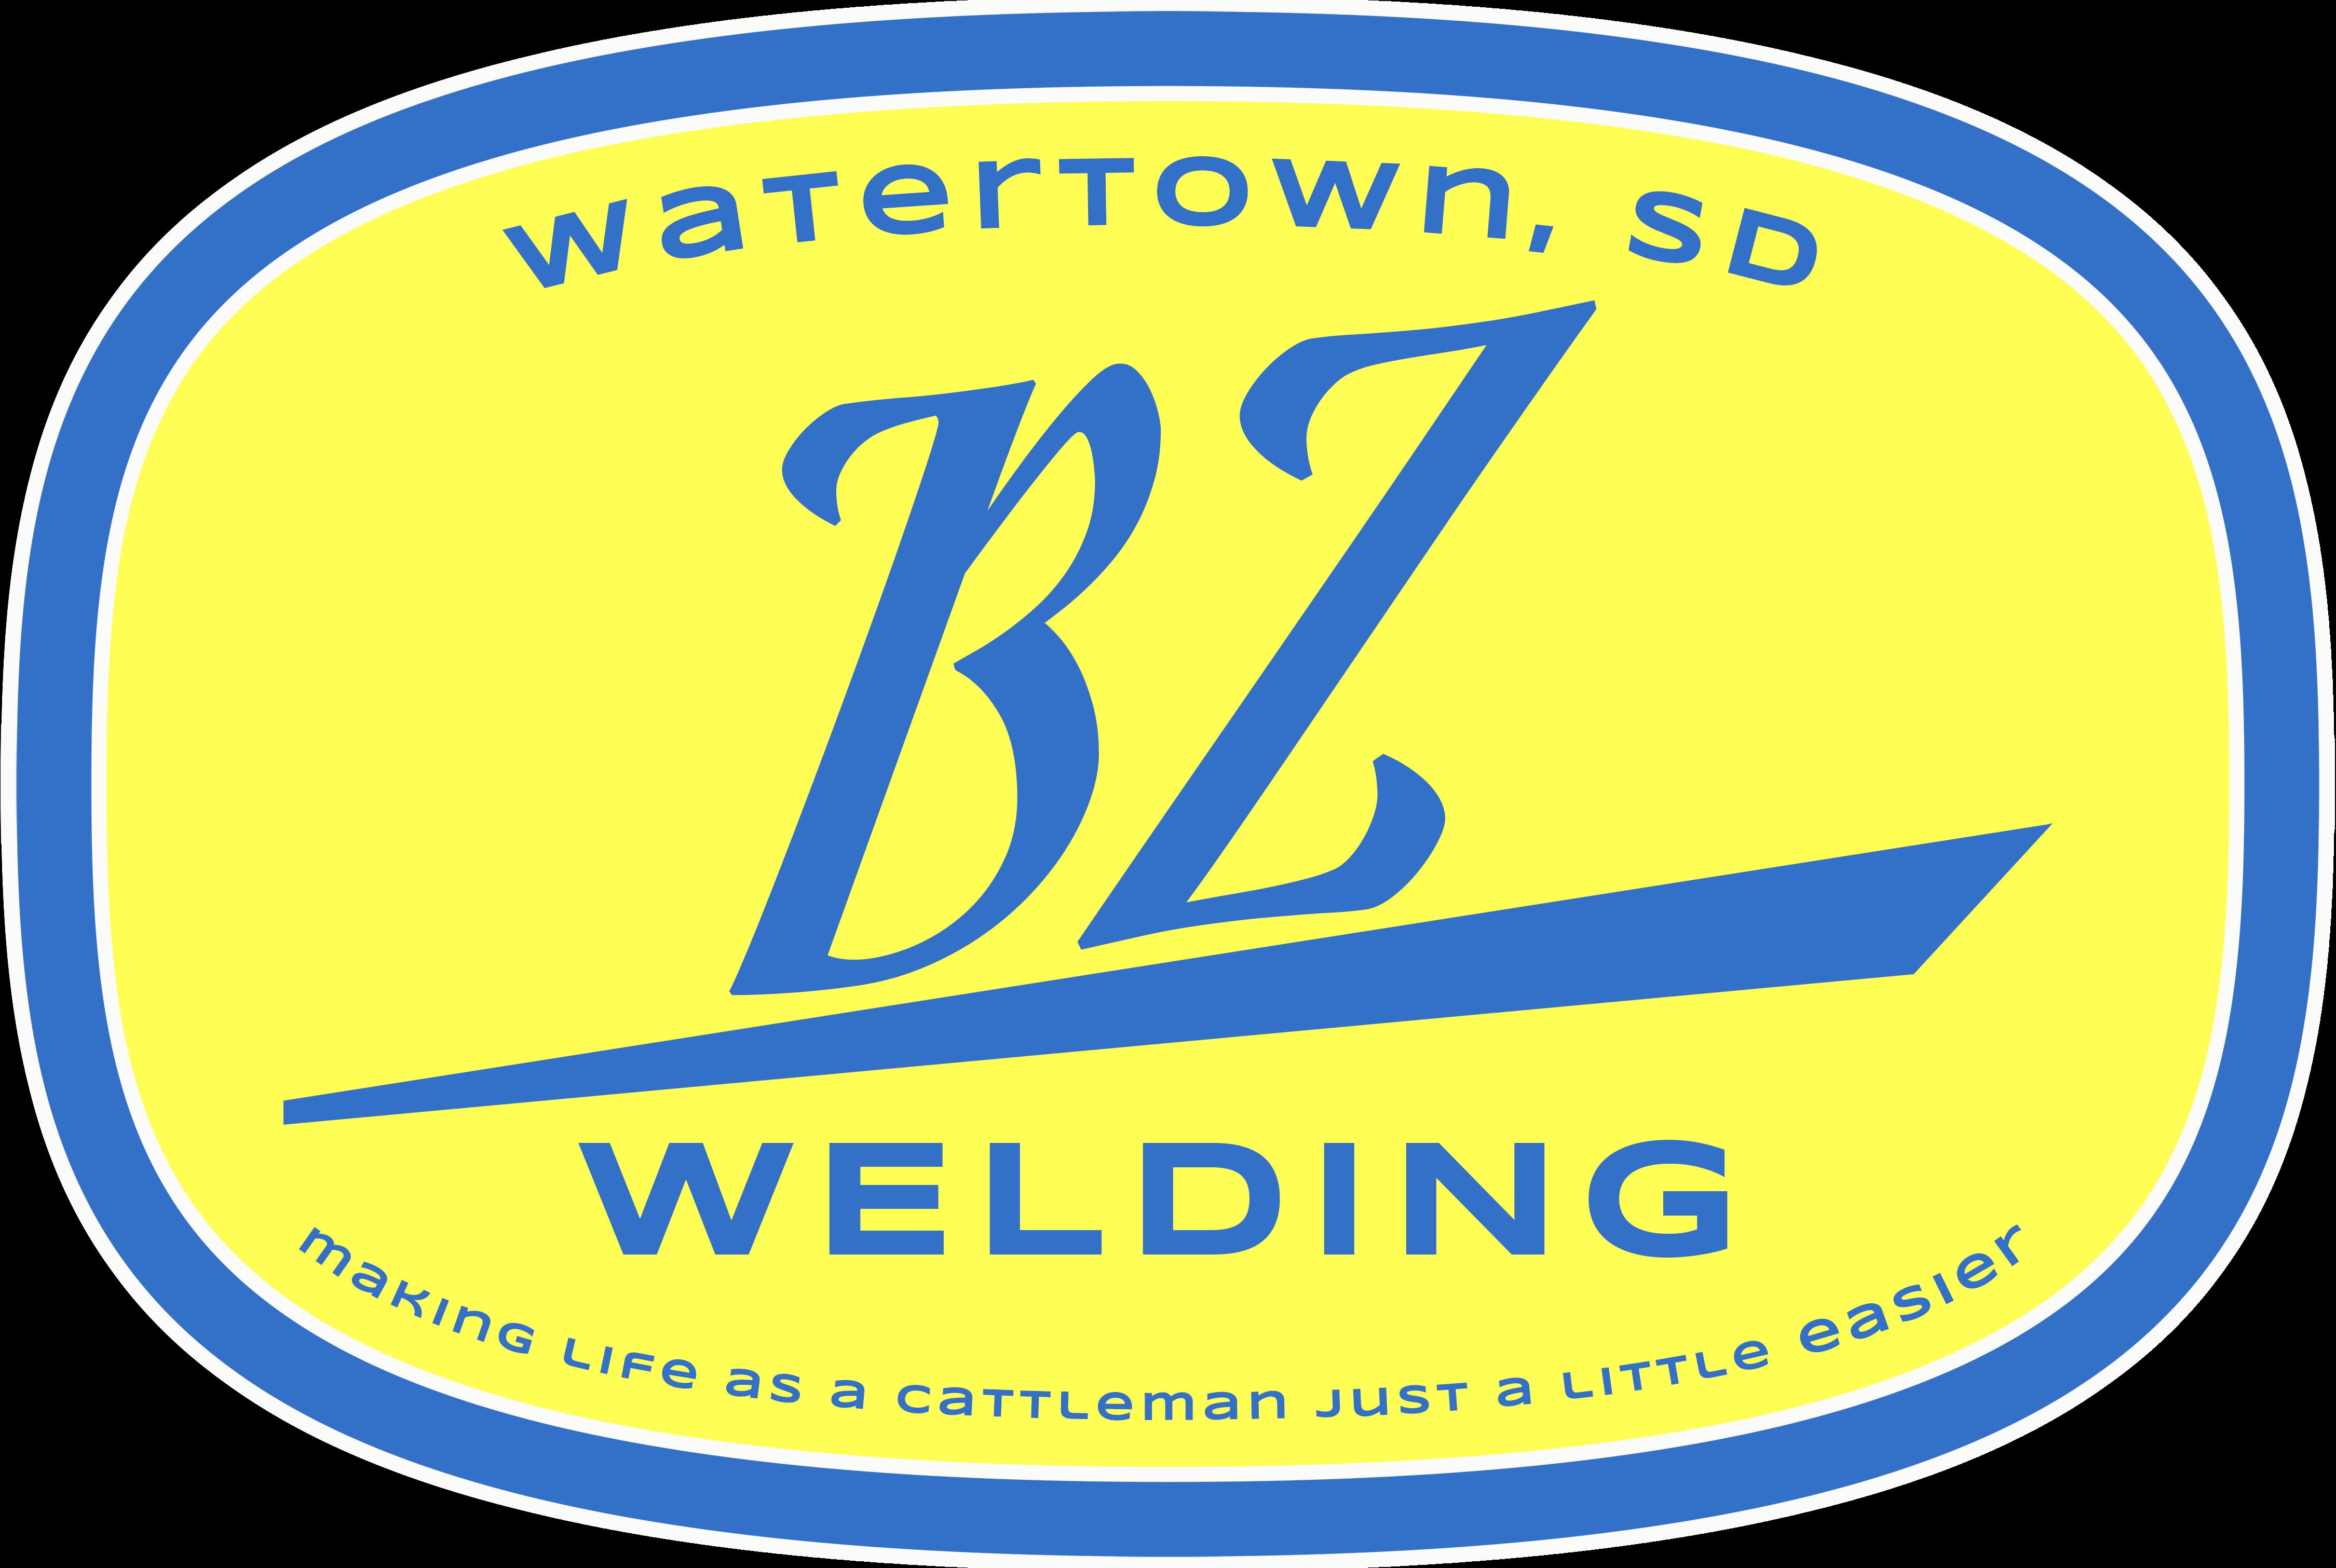 BZ WELDING